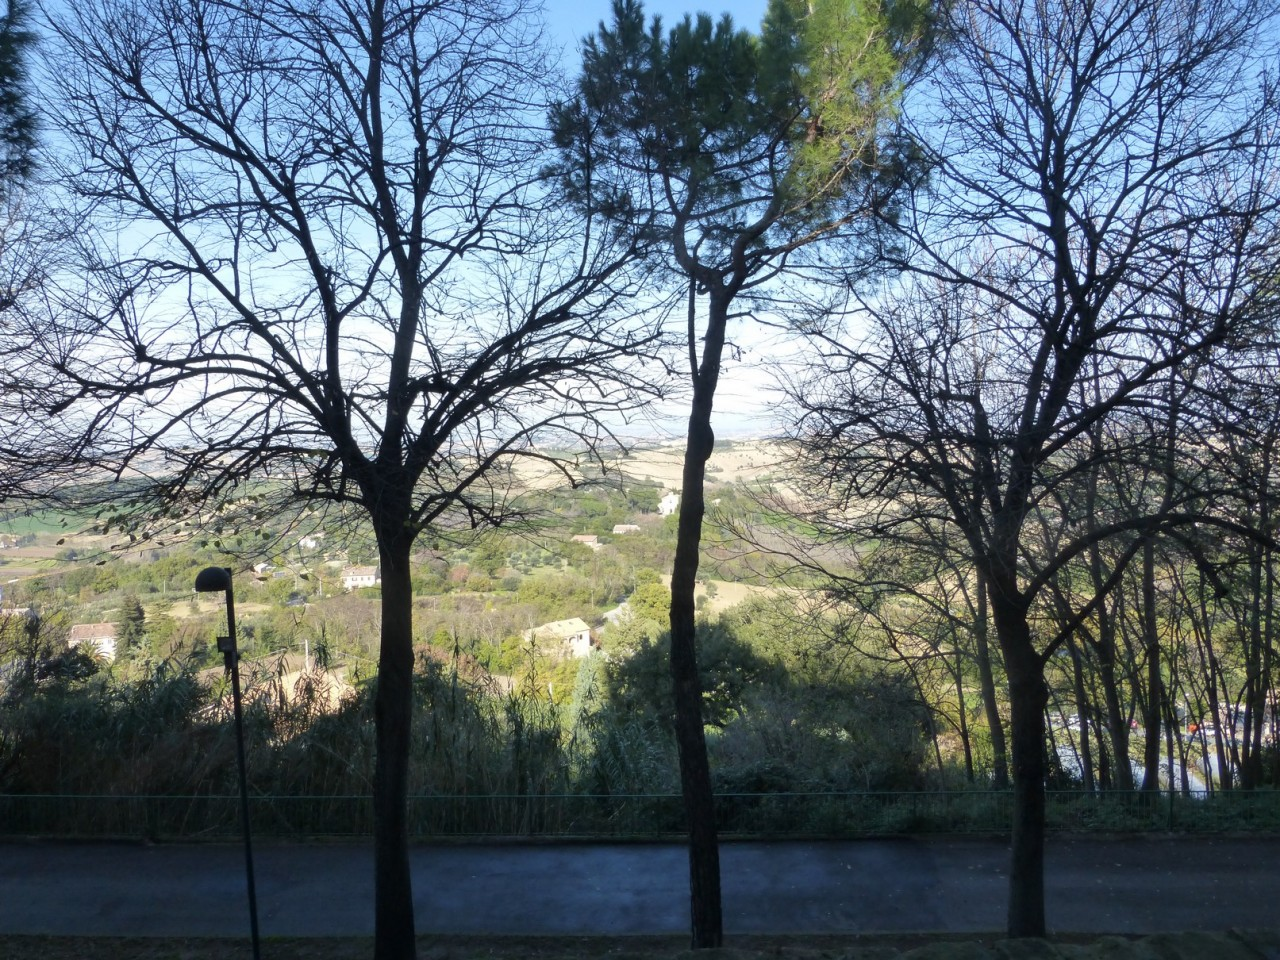 giardino monachette intermesoli macerata (6)